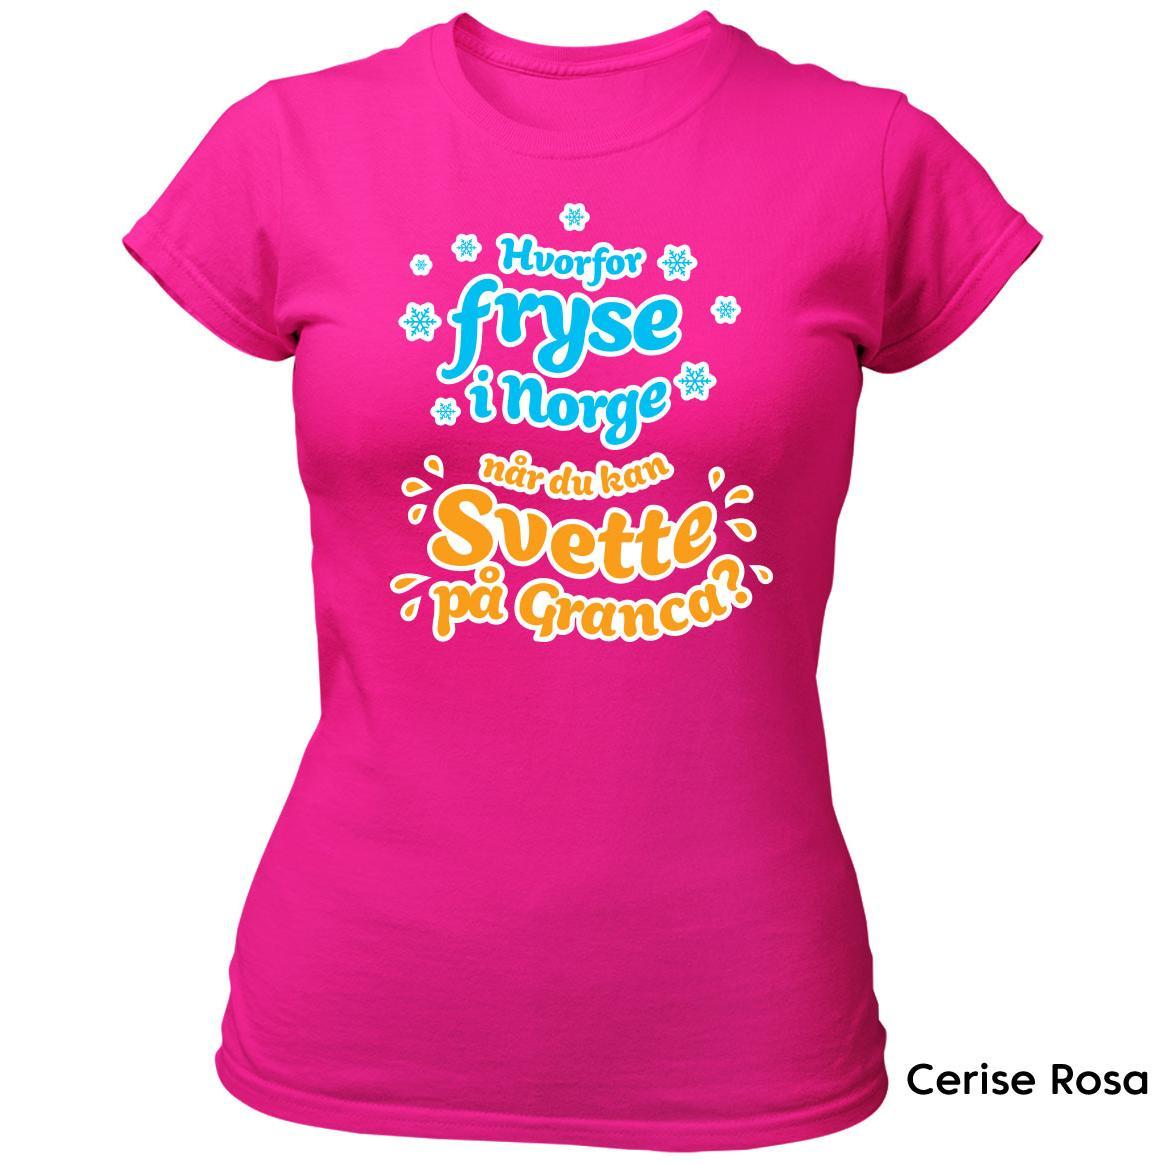 Hvorfor fryse Granca T skjorte Ekte Bajas morsomme t